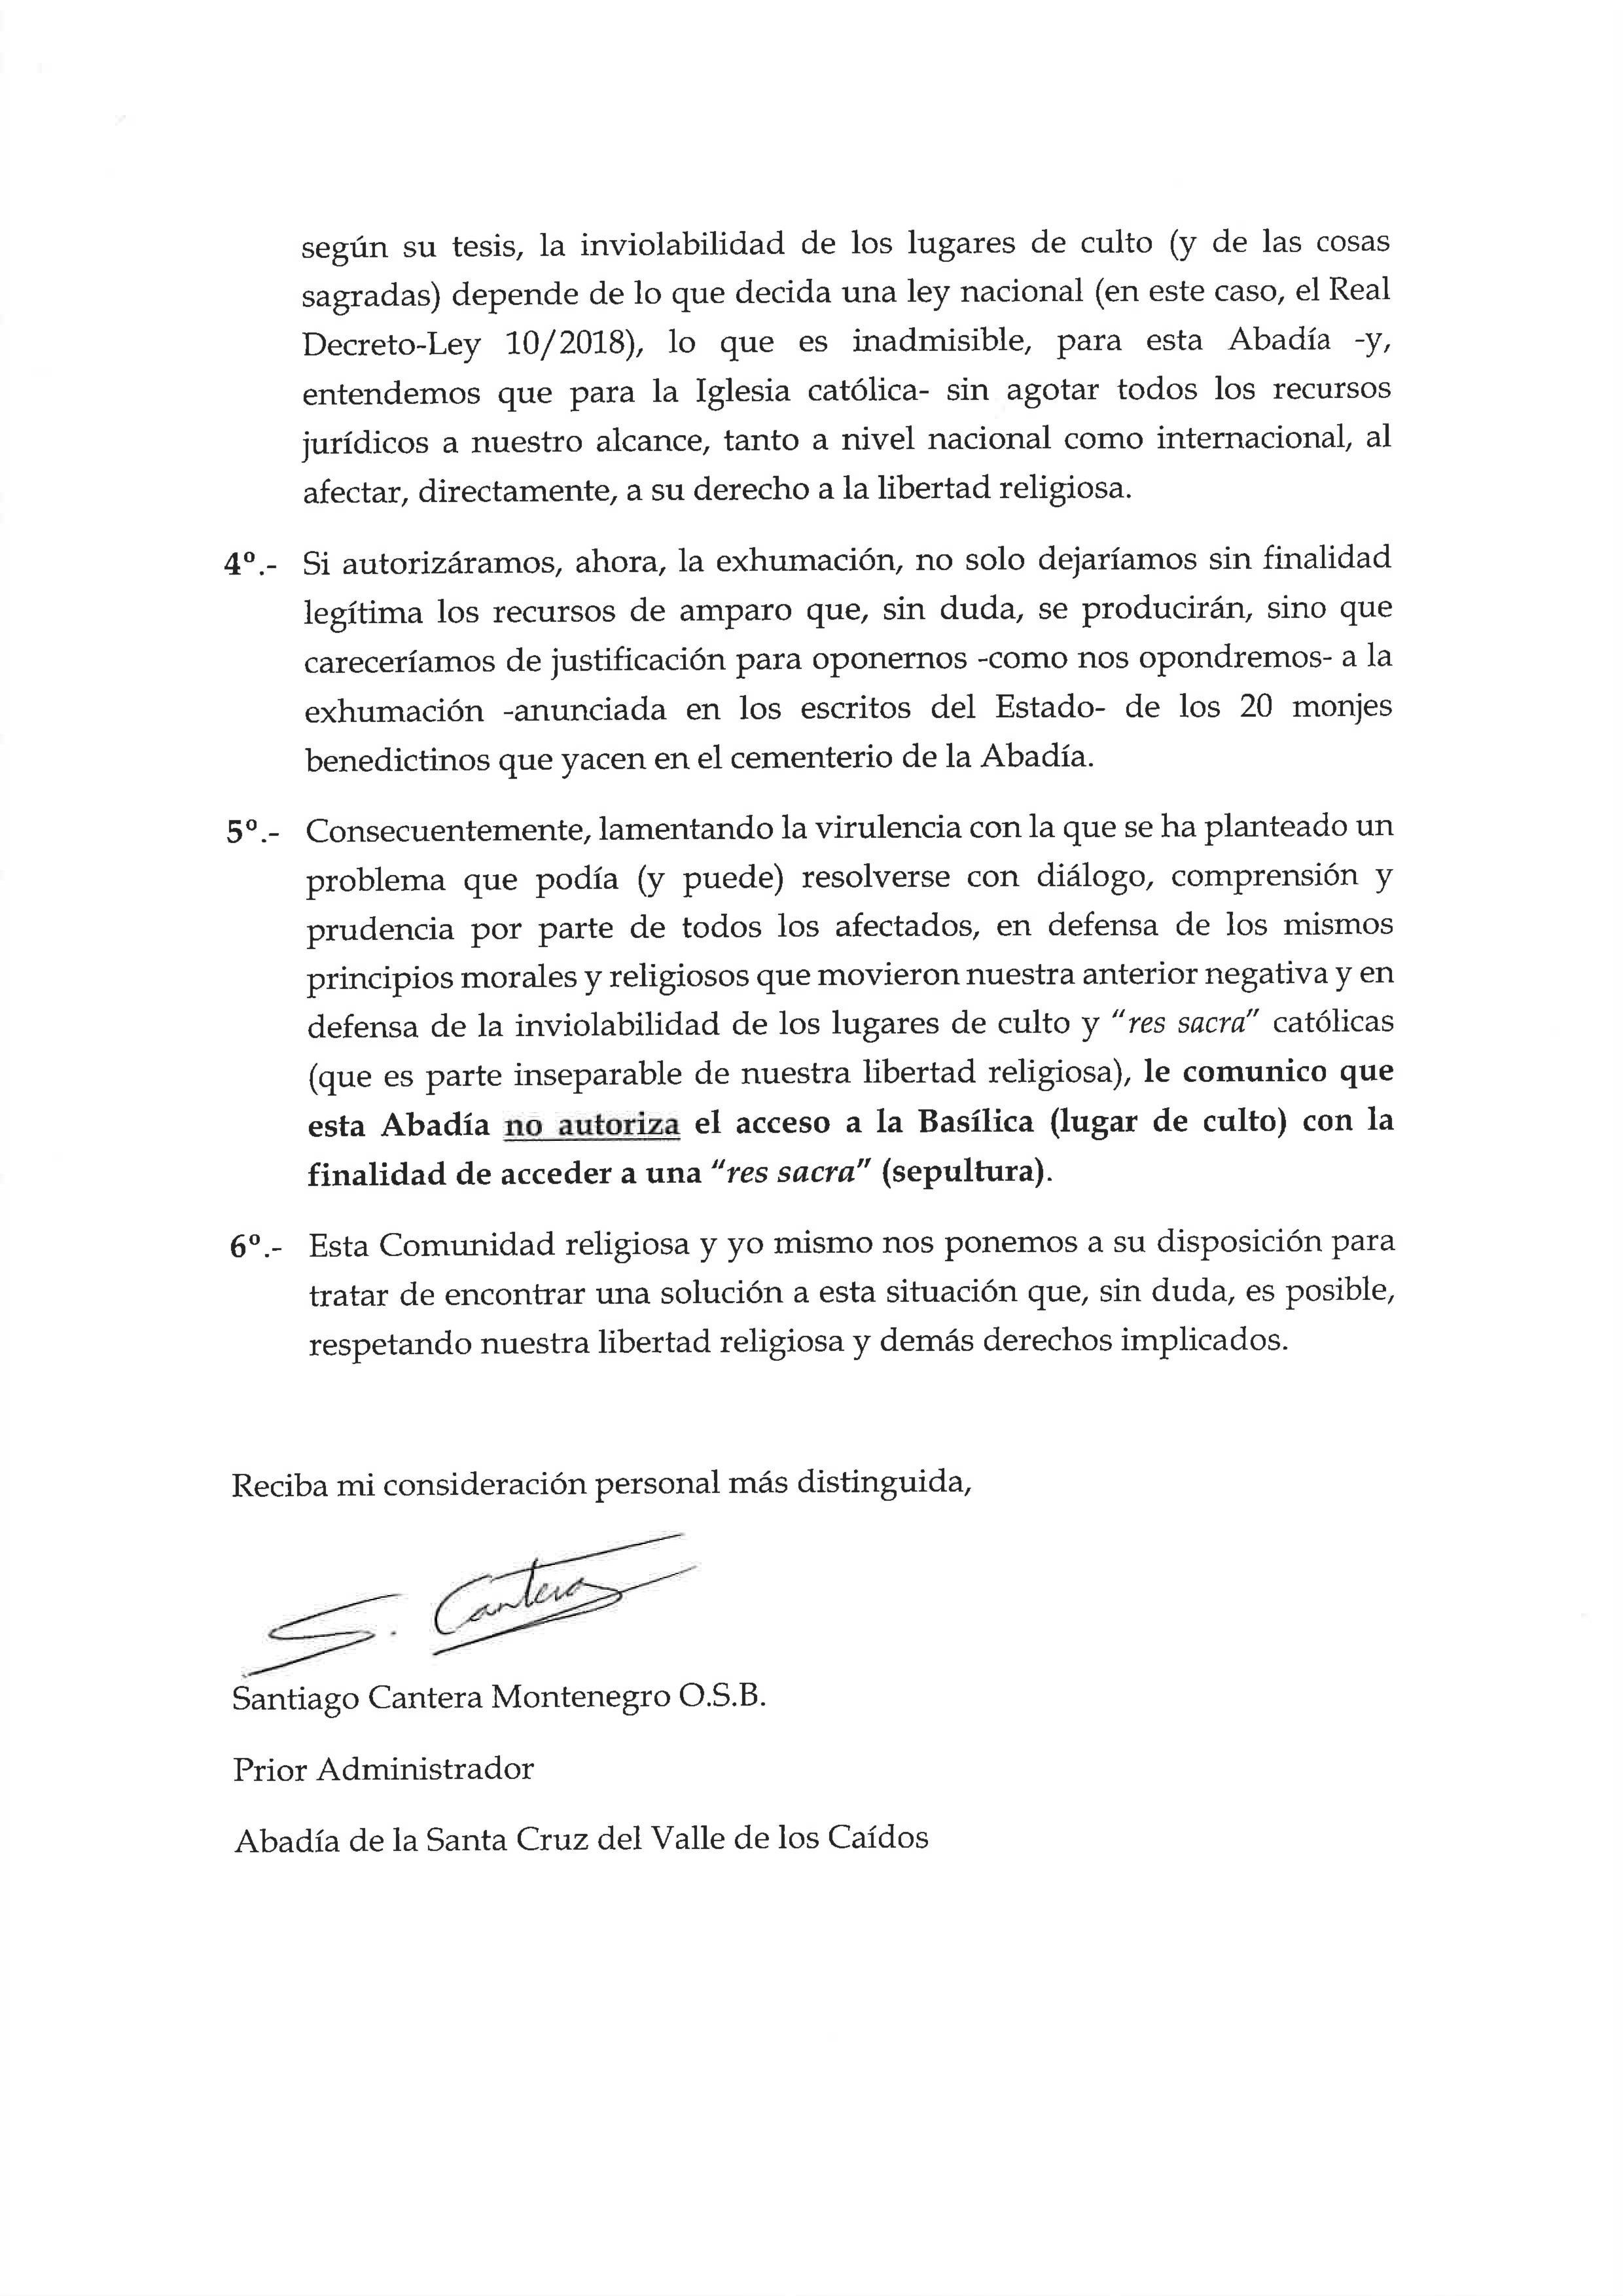 Folio 2 de la carta del prior a la vicepresidenta del Gobierno.